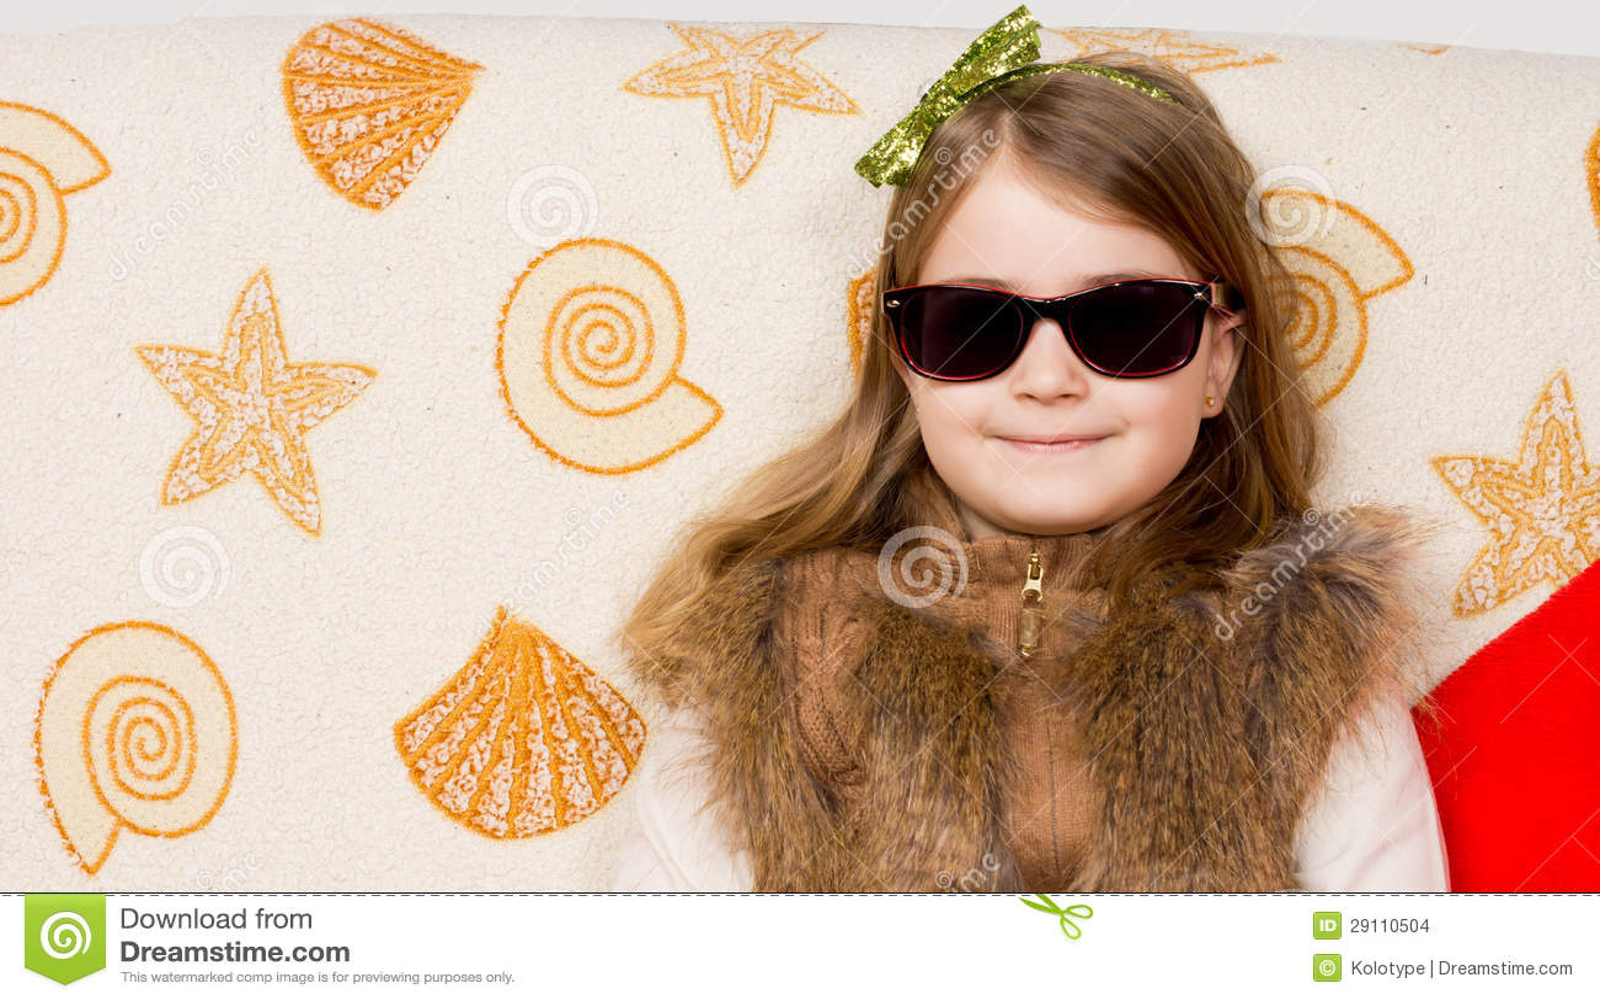 Smiling little girl in sunglasses